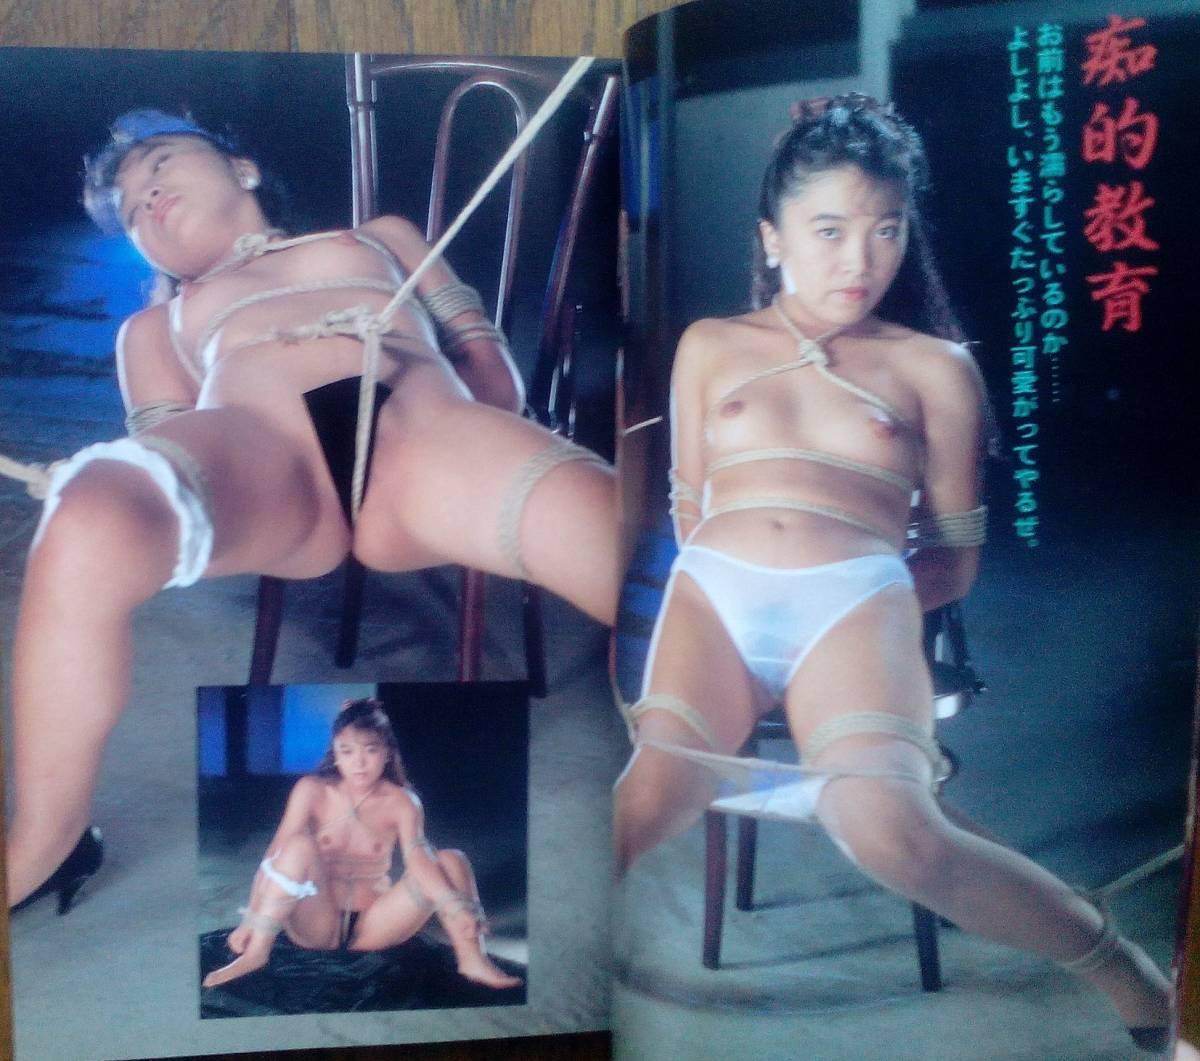 懐かしのs&mスナイパー緊縛画像 久々の緊縛写真 S&Mスナイパー1991年2月号|SMビデオマニア ...